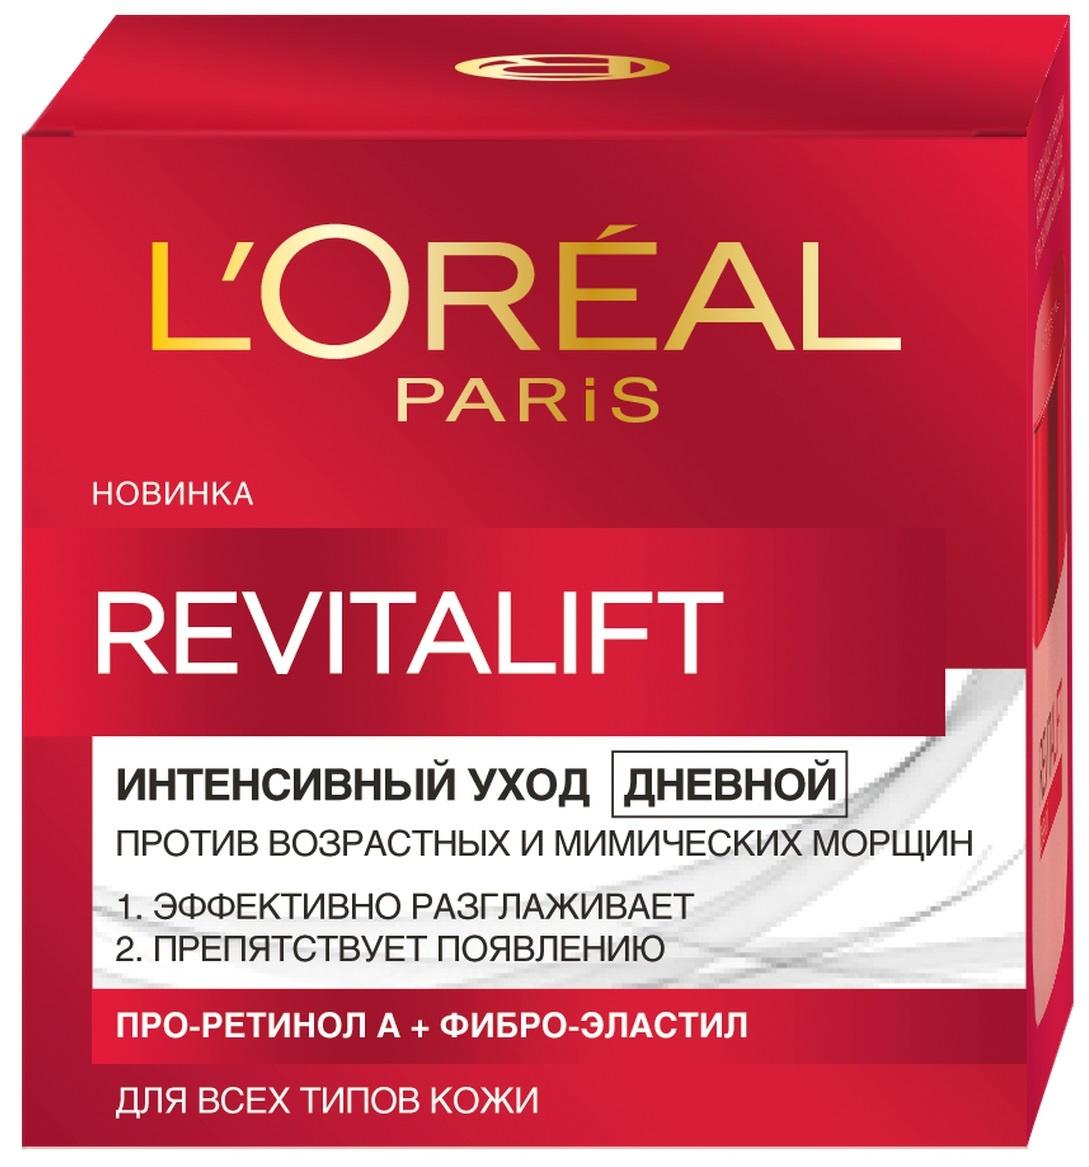 """L'Oreal Paris """"Revitalift"""" Дневной антивозрастной крем для лица, 50 мл  #1"""